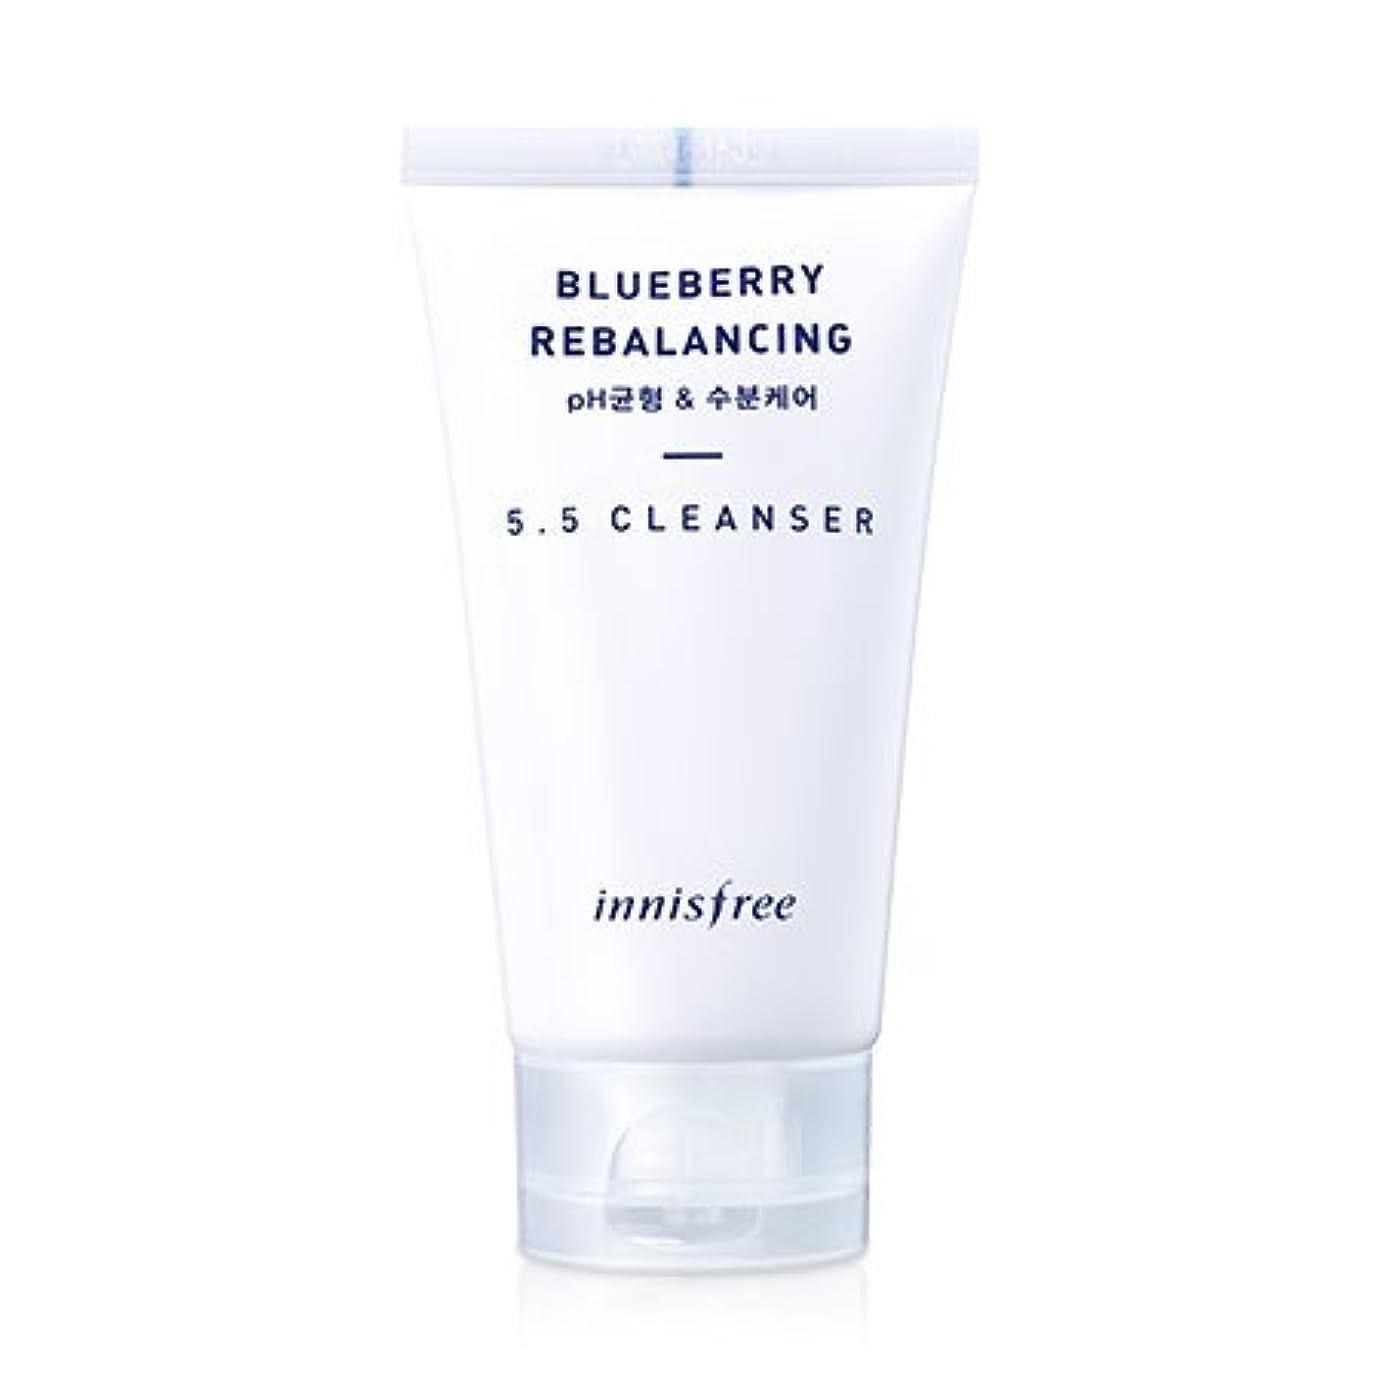 襲撃賃金最大[innisfree(イニスフリー)] Super food_ Blueberry rebalancing 5.5 cleanser (100ml) スーパーフード_ブルーベリーリベルロンシン5.5のクレンザー [並行輸入品...